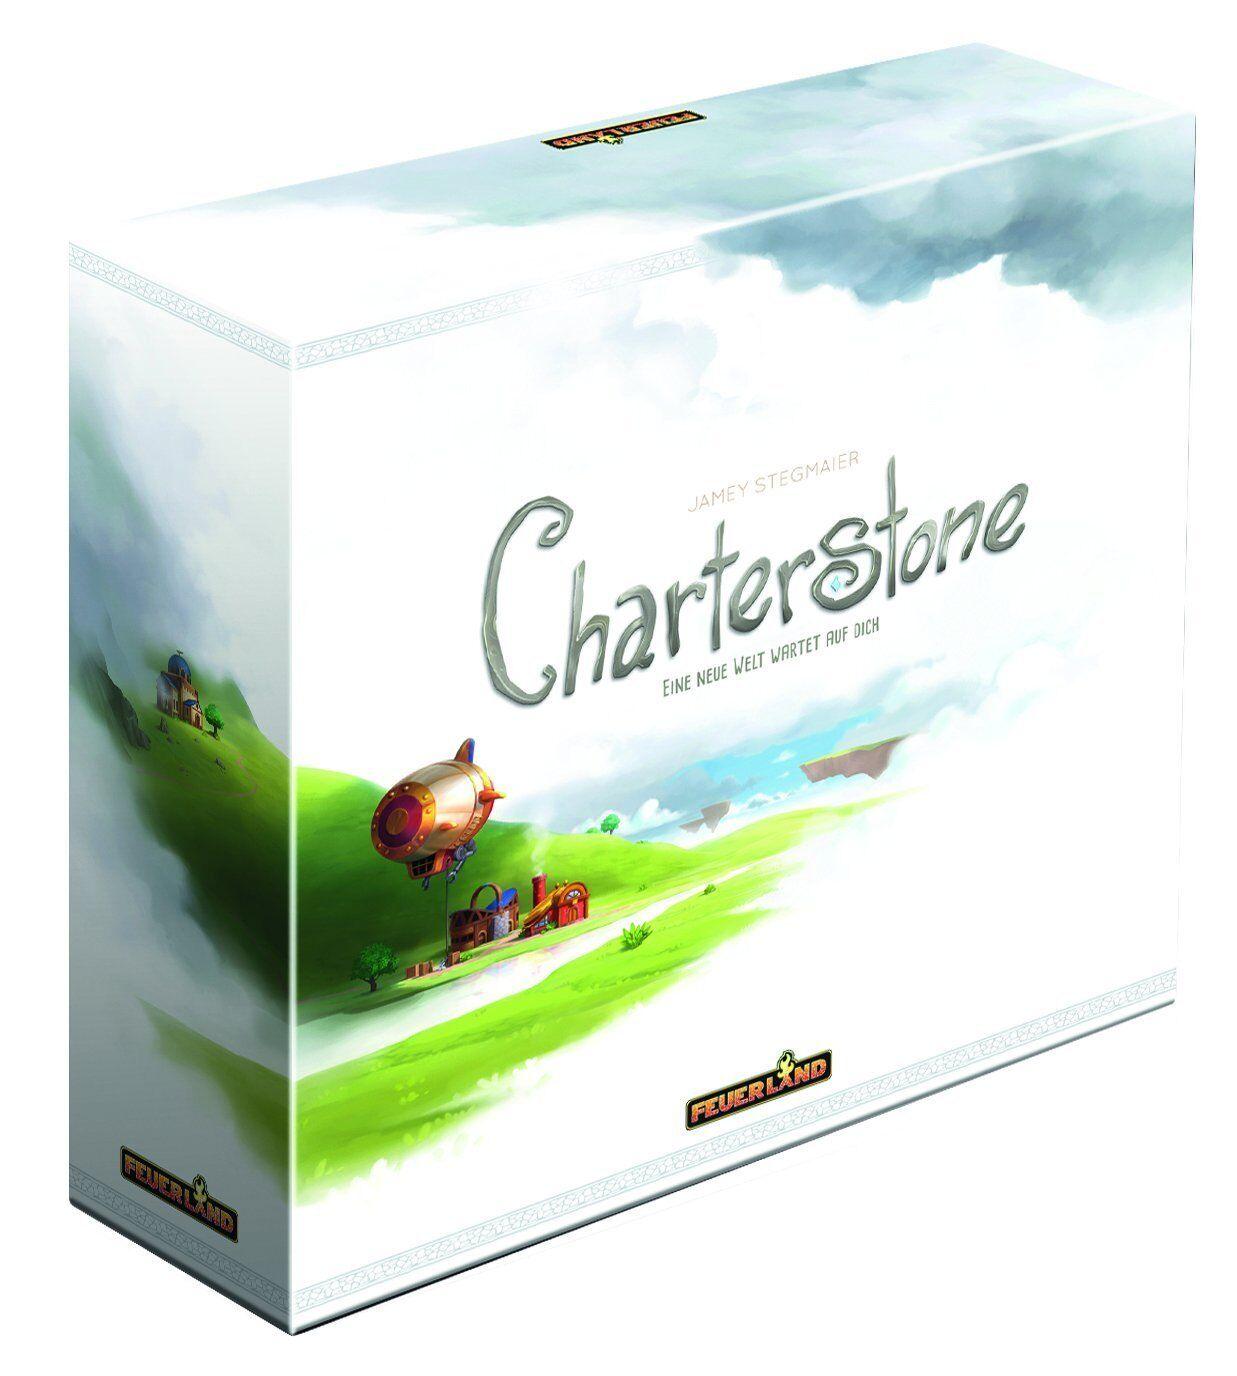 Charterstone juego de mesa germano-OVP fuego país juegos